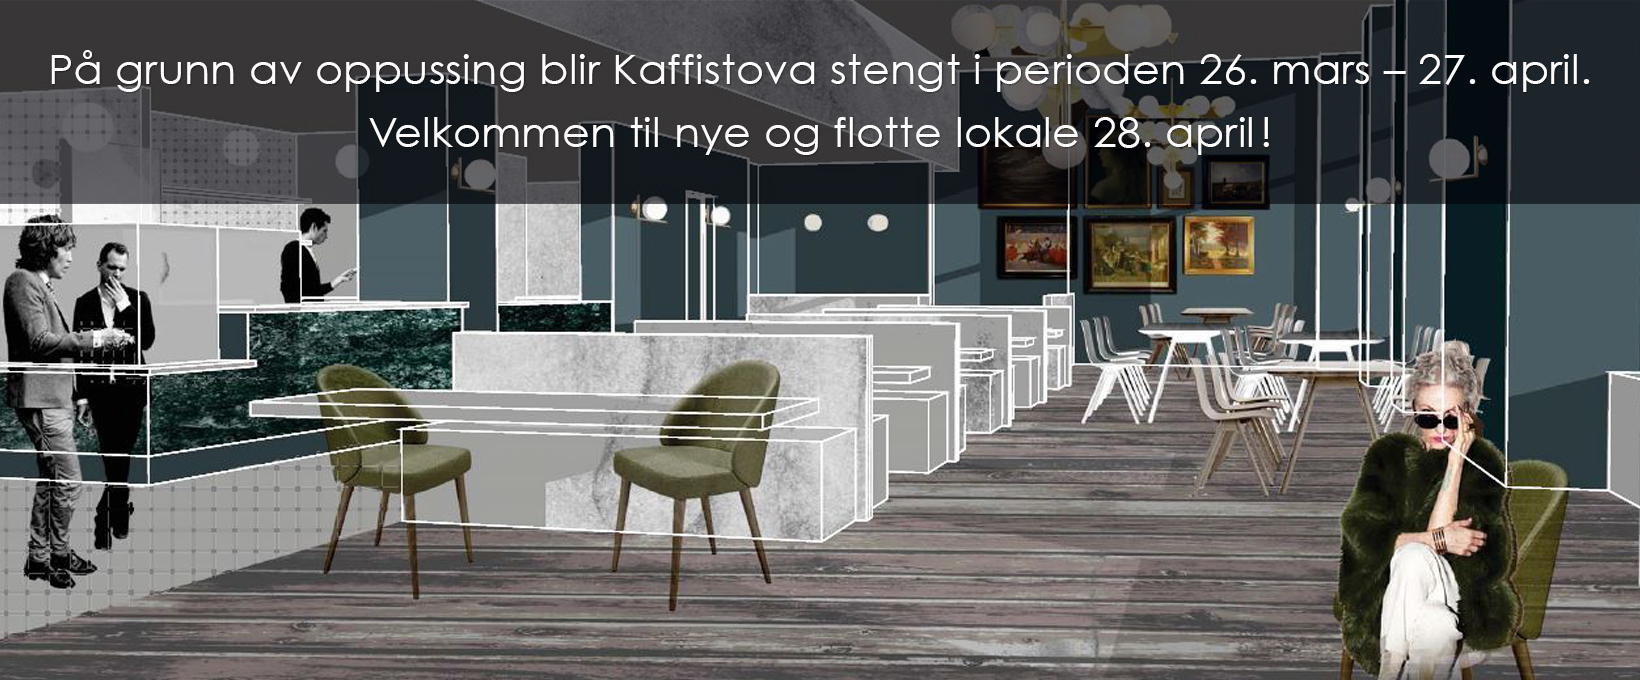 illustrasjon av framtidig lokale